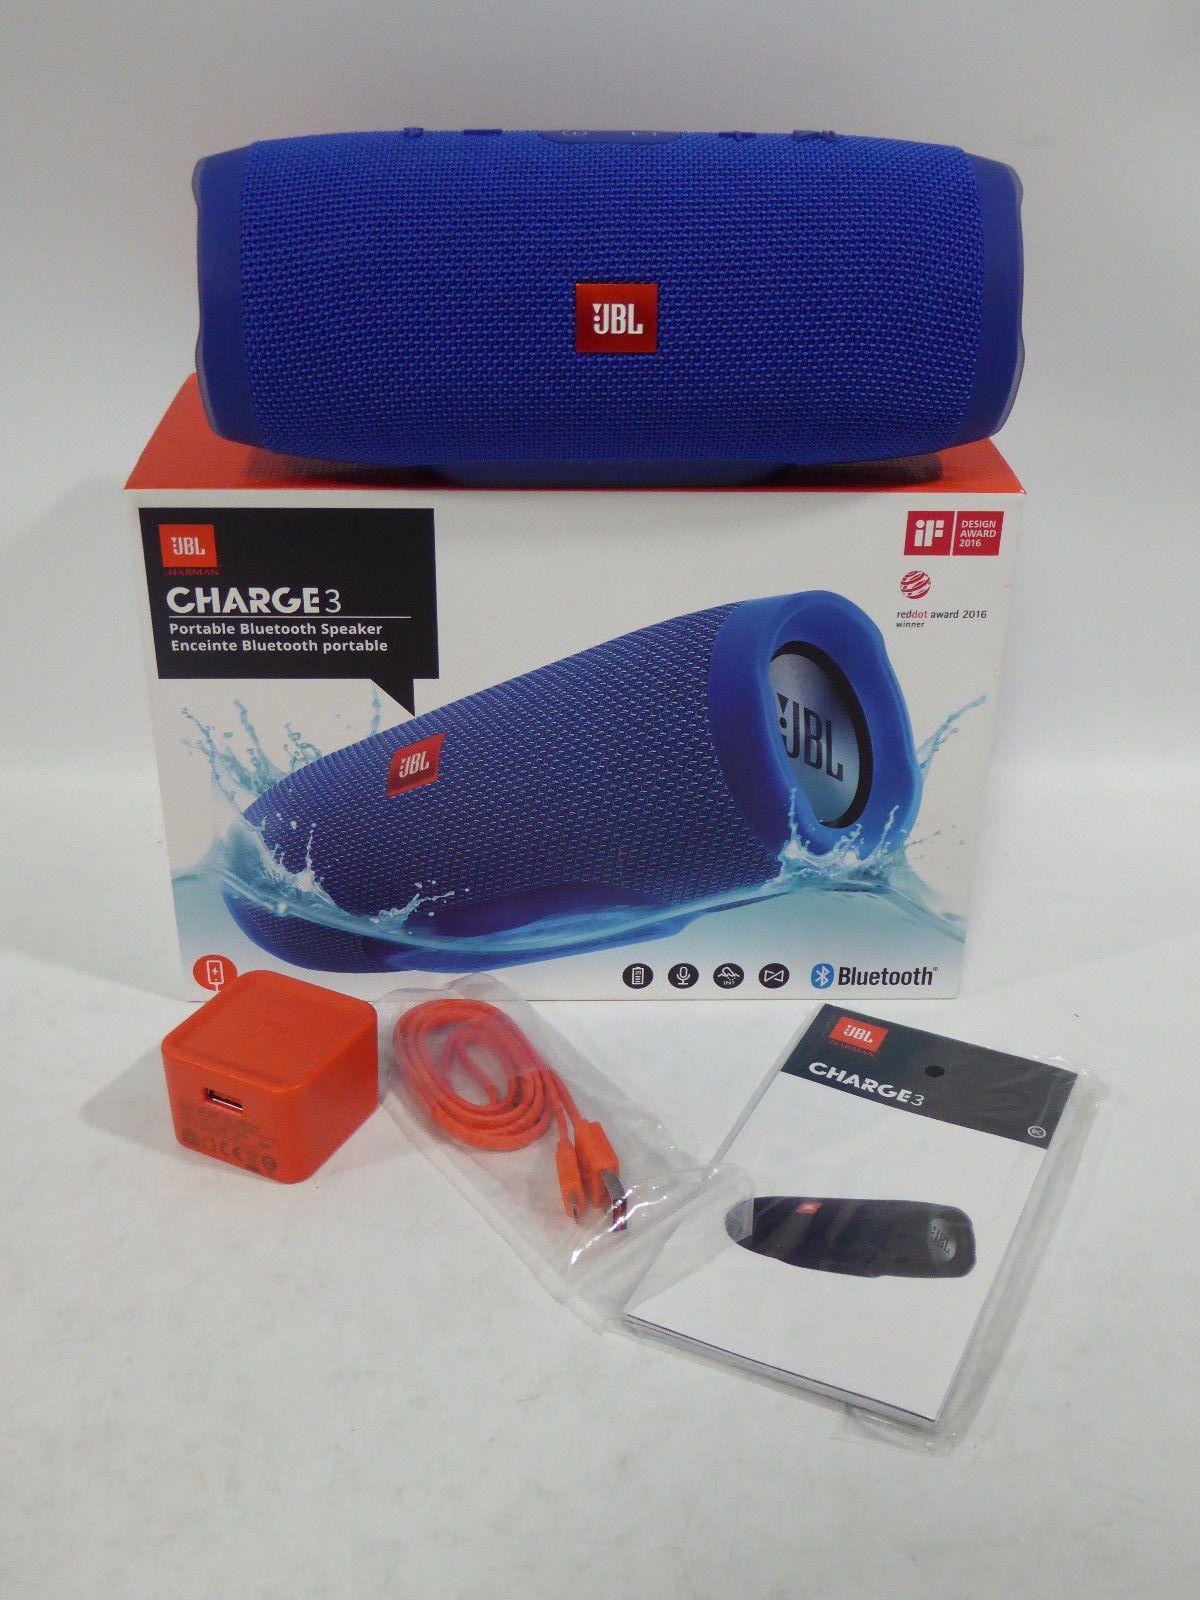 Jbl Charge 3 Waterproof Portable Bluetooth Speaker Blue Jbl Bluetooth Speakers Portable Jbl Bluetooth Speaker